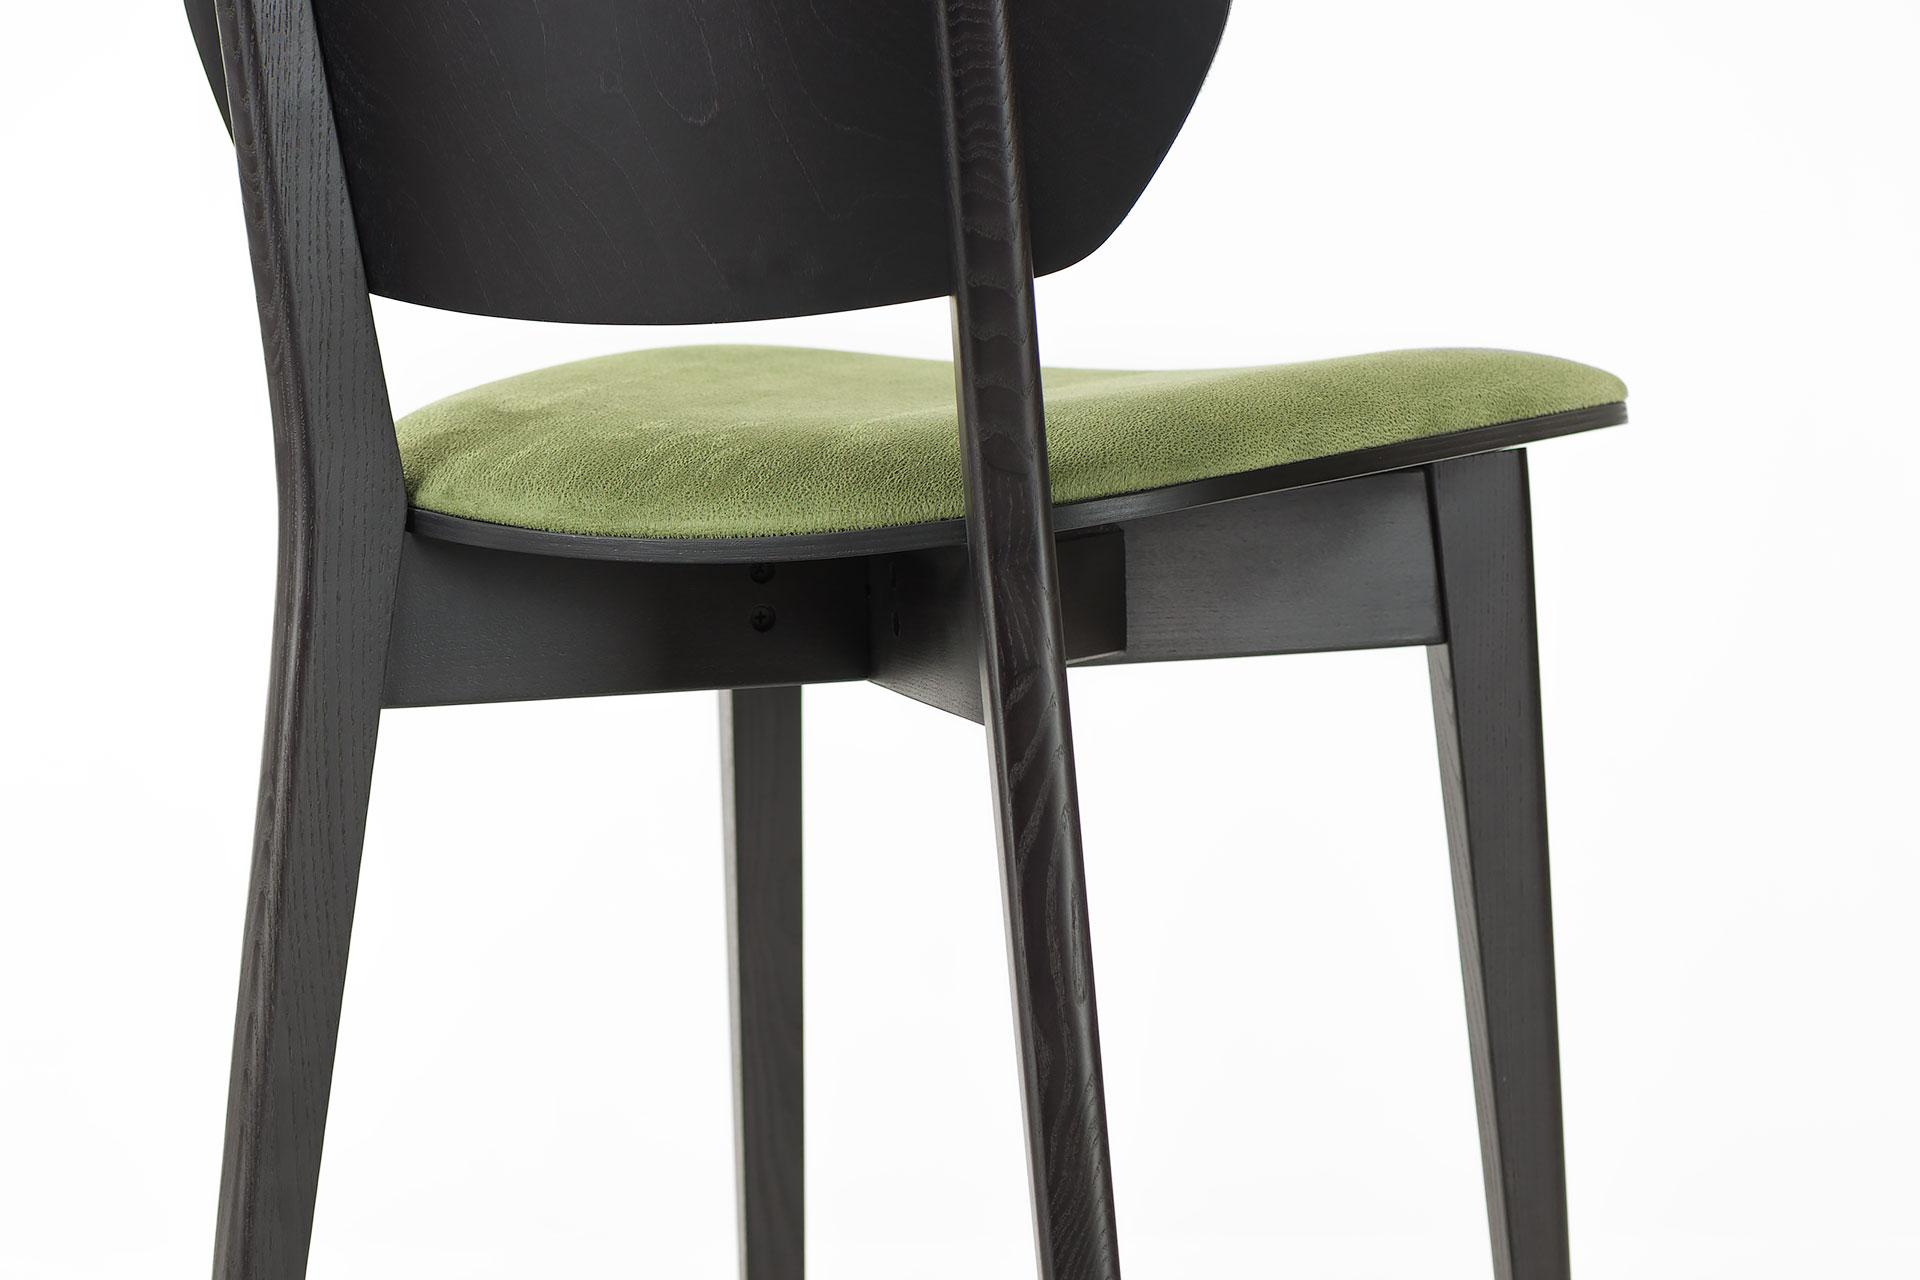 Кухонний стілець 03В чорно-зелений, м'які сидіння та спинка з штучної замші Exim Mustang Light Green, тверде дерево, колір виробу SE7059 (спинка)